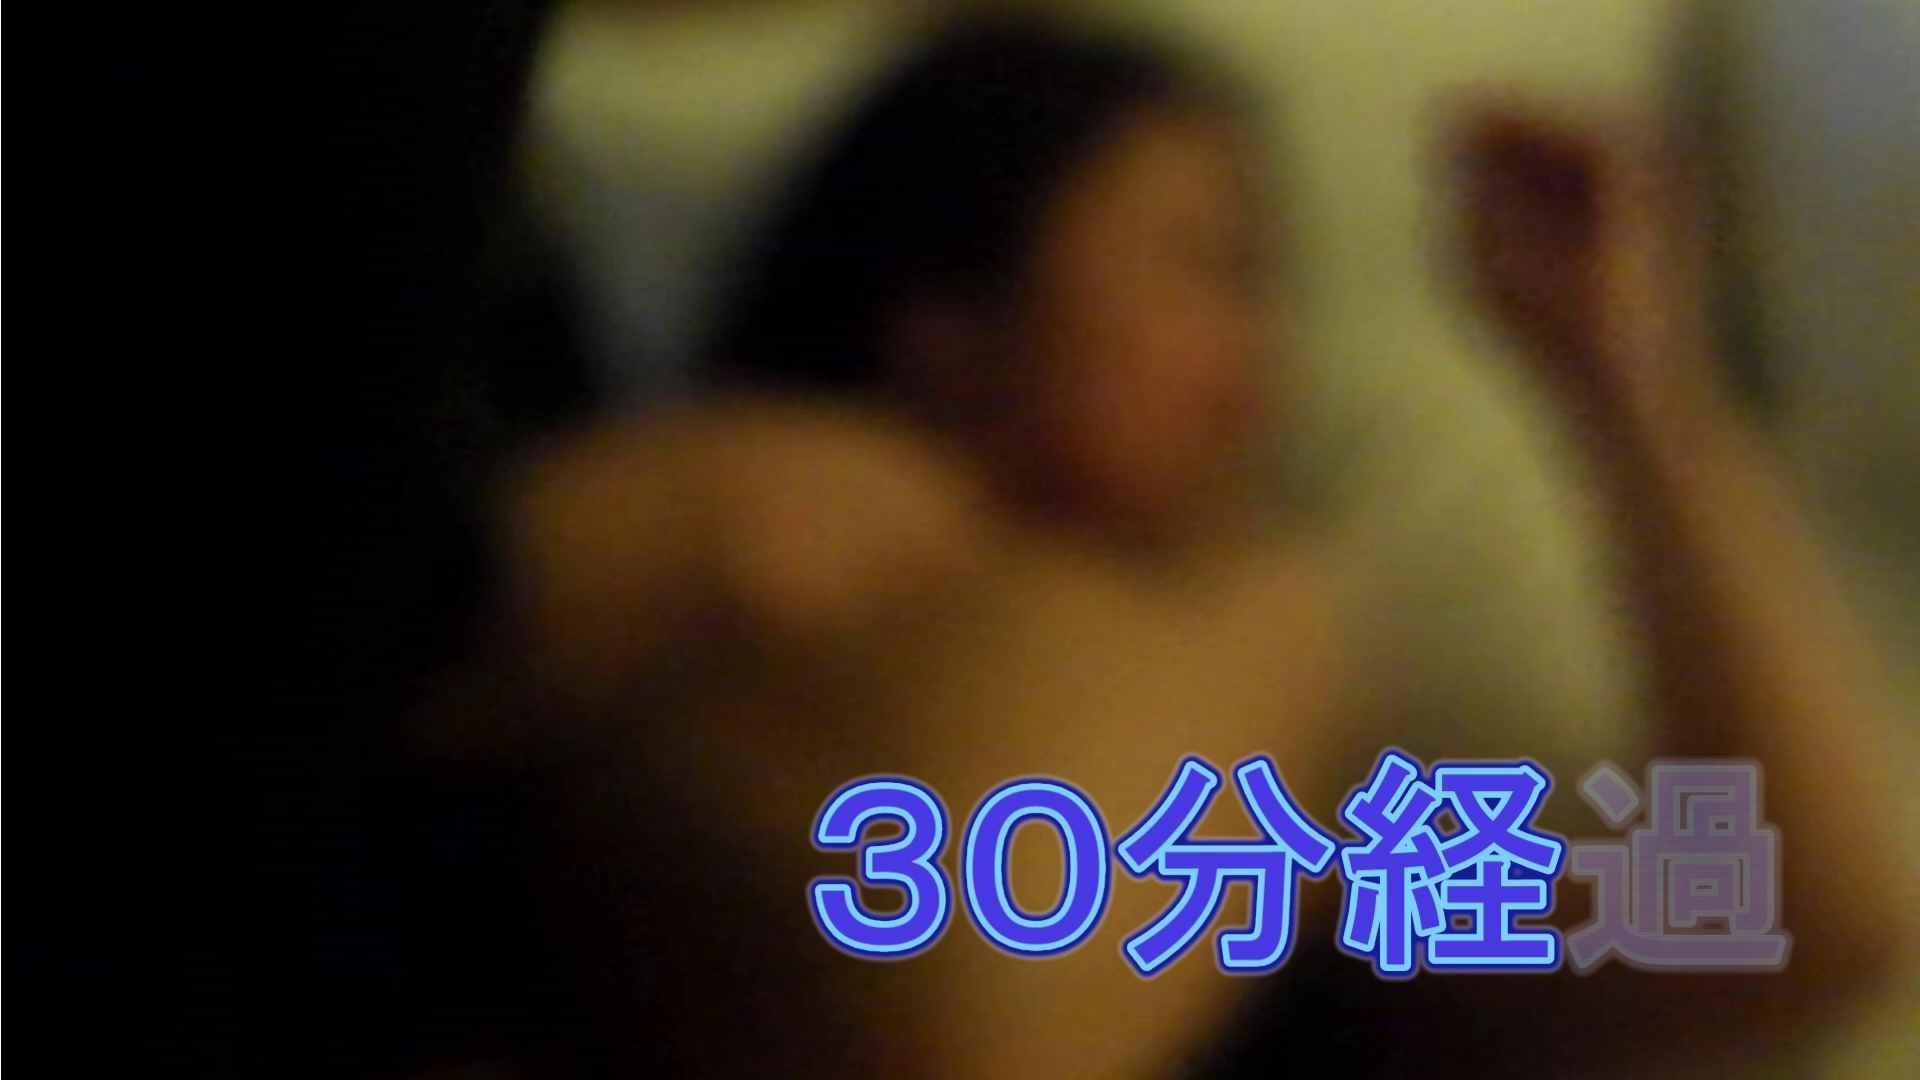 ヒトニアラヅNo.02 姿と全体の流れを公開 ギャル  63pic 39